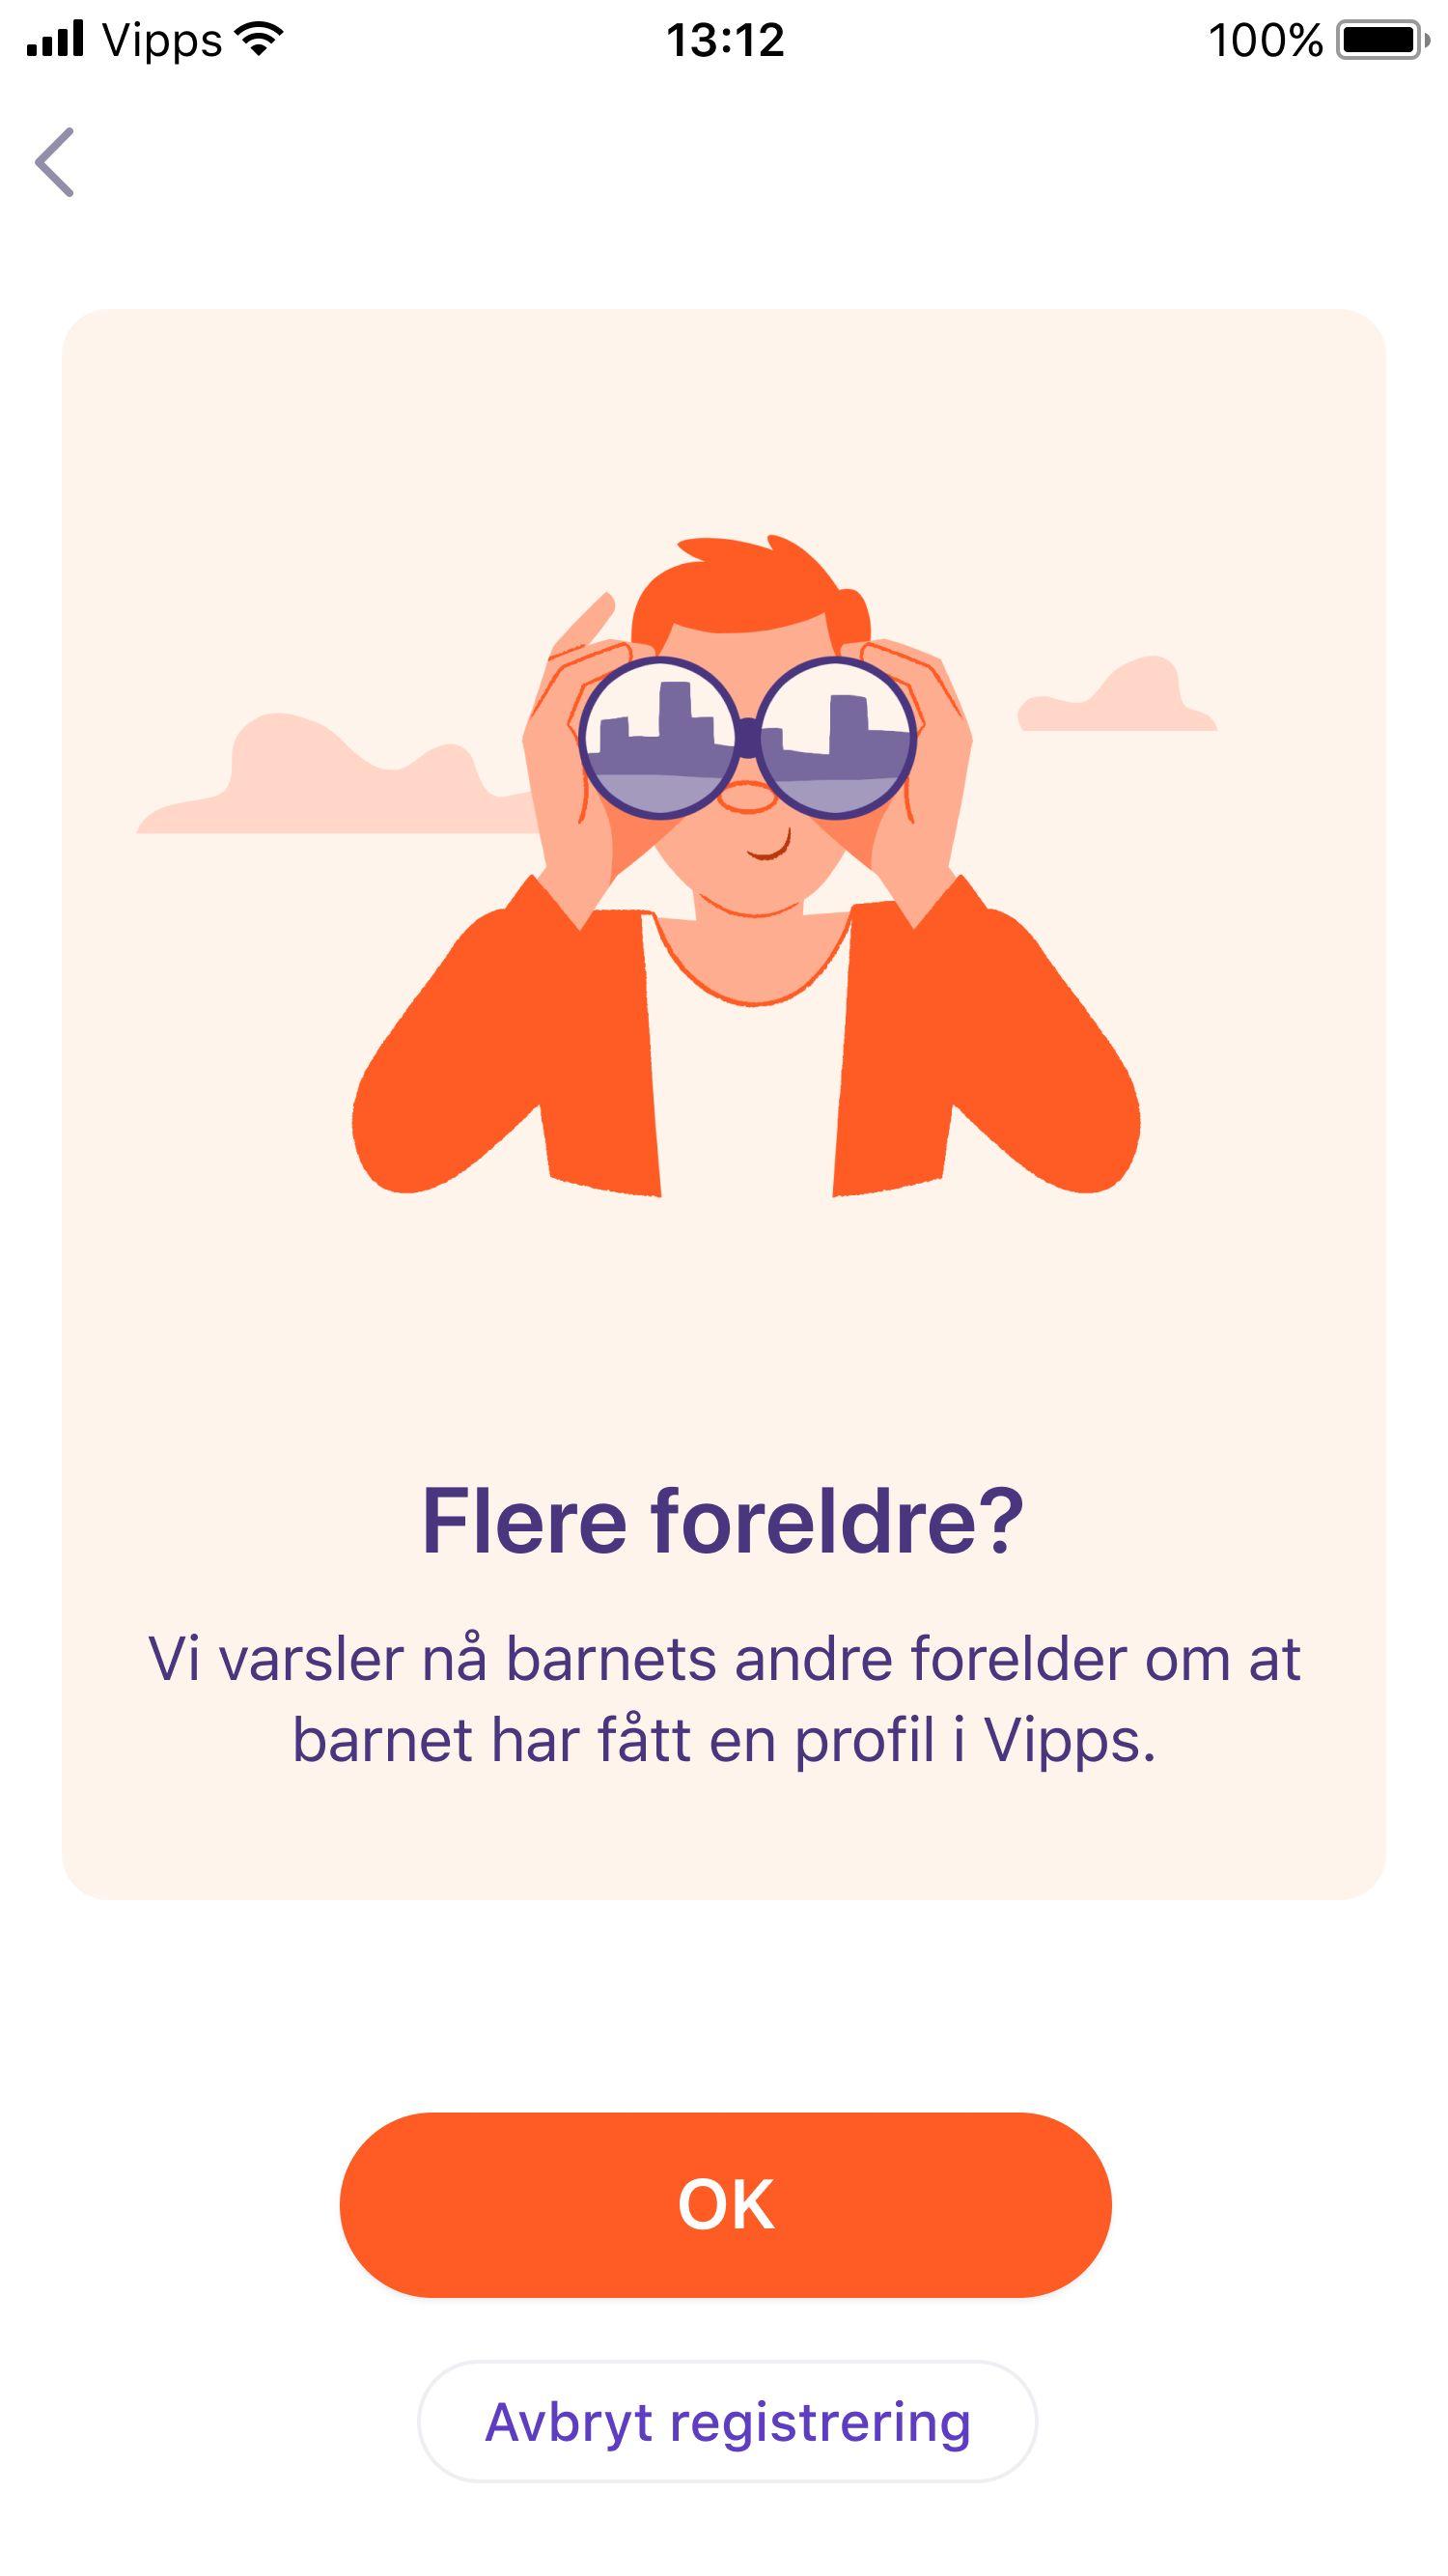 For å aktivere appen trenger barnet bare godkjennelse fra én av foreldrene, men for å kunne sende penger må begge foreldrene gi samtykke.